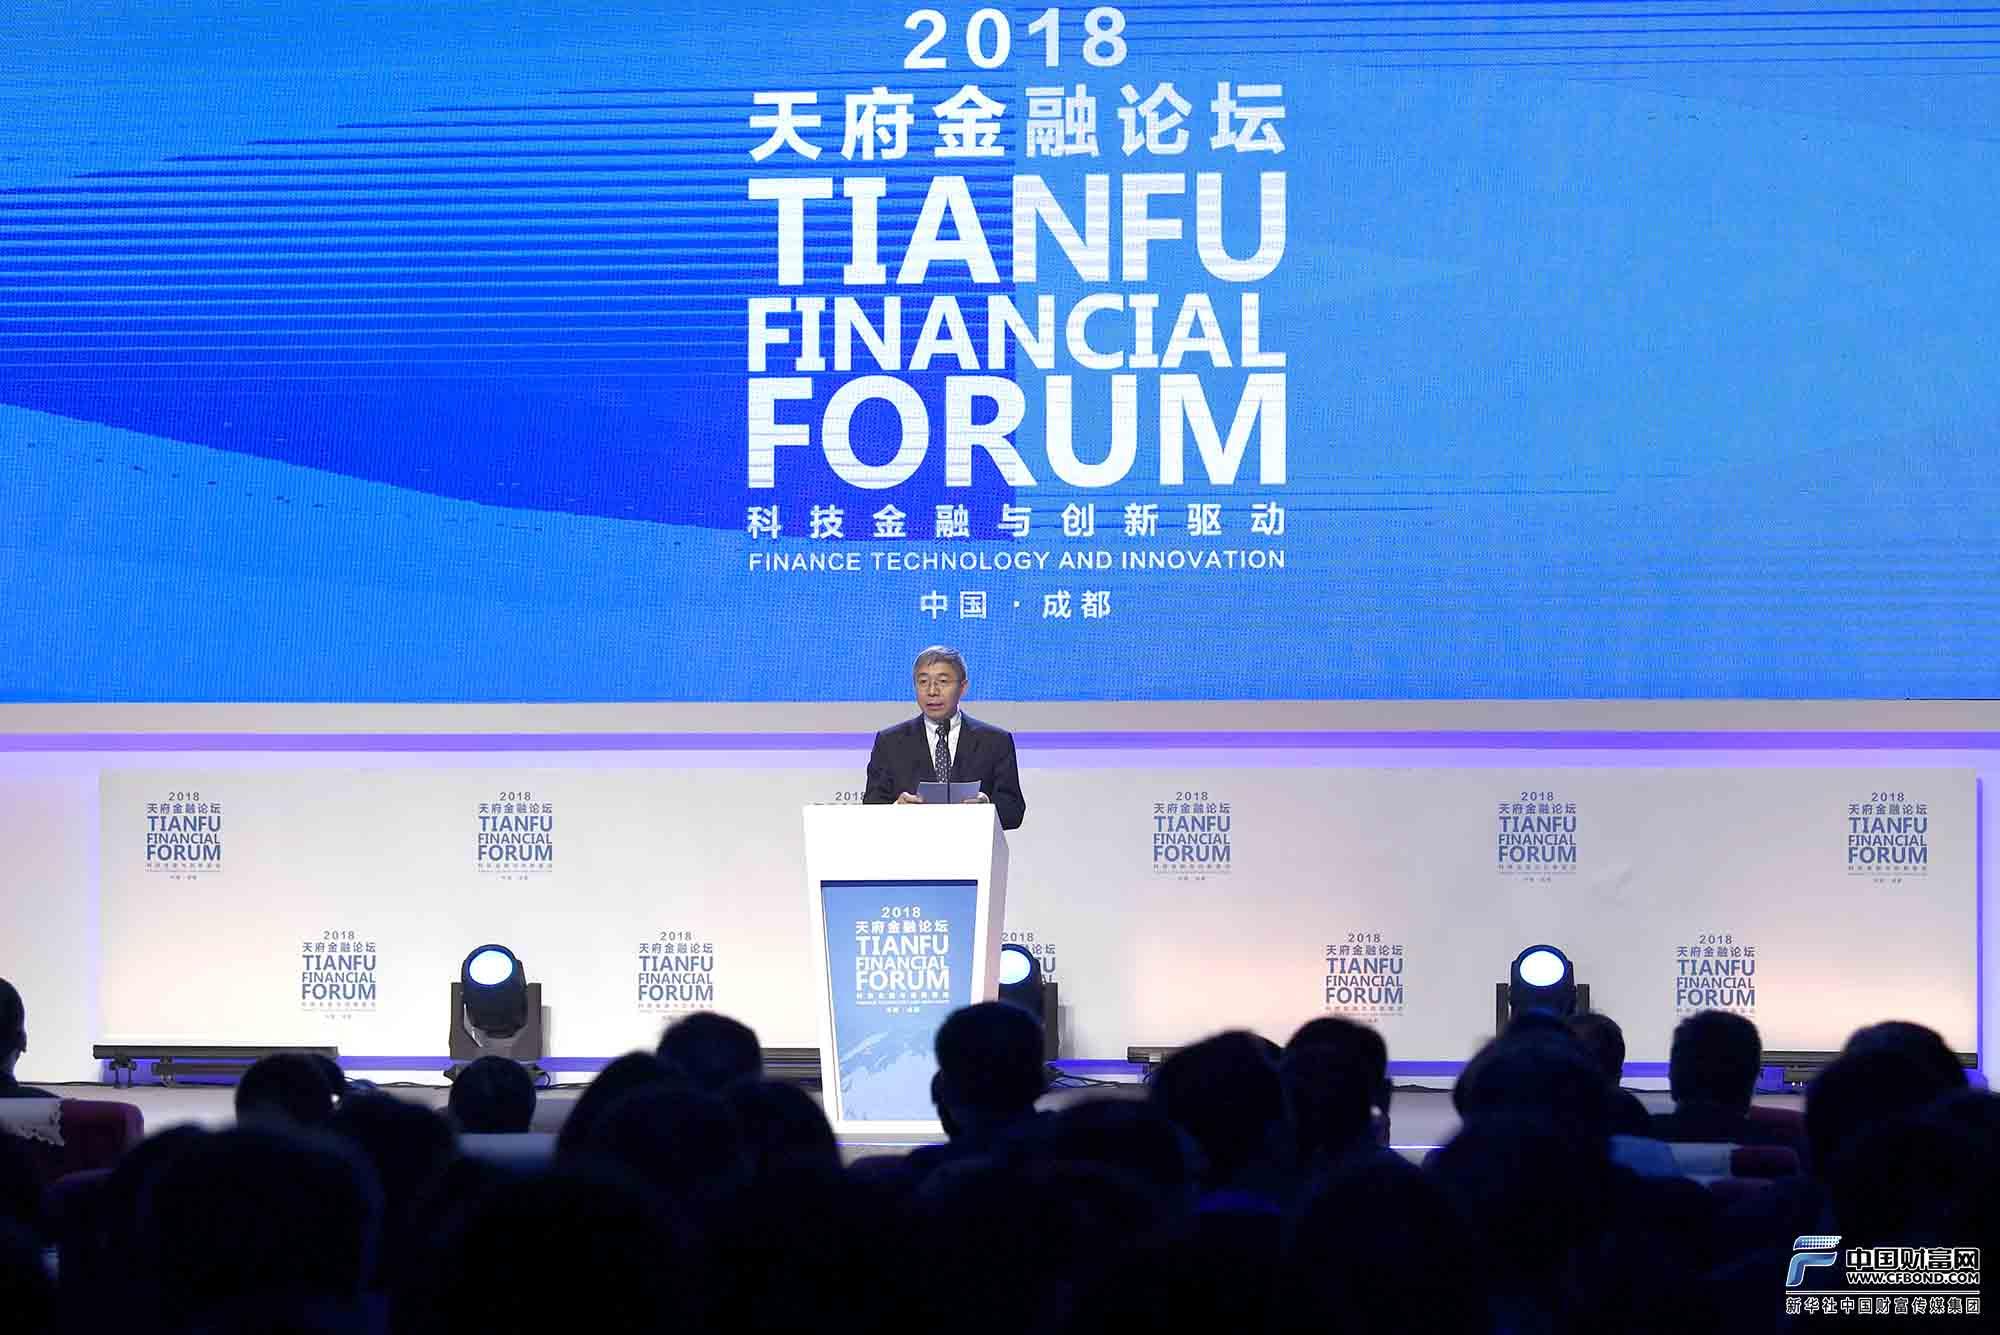 中国进出口银行行长张青松